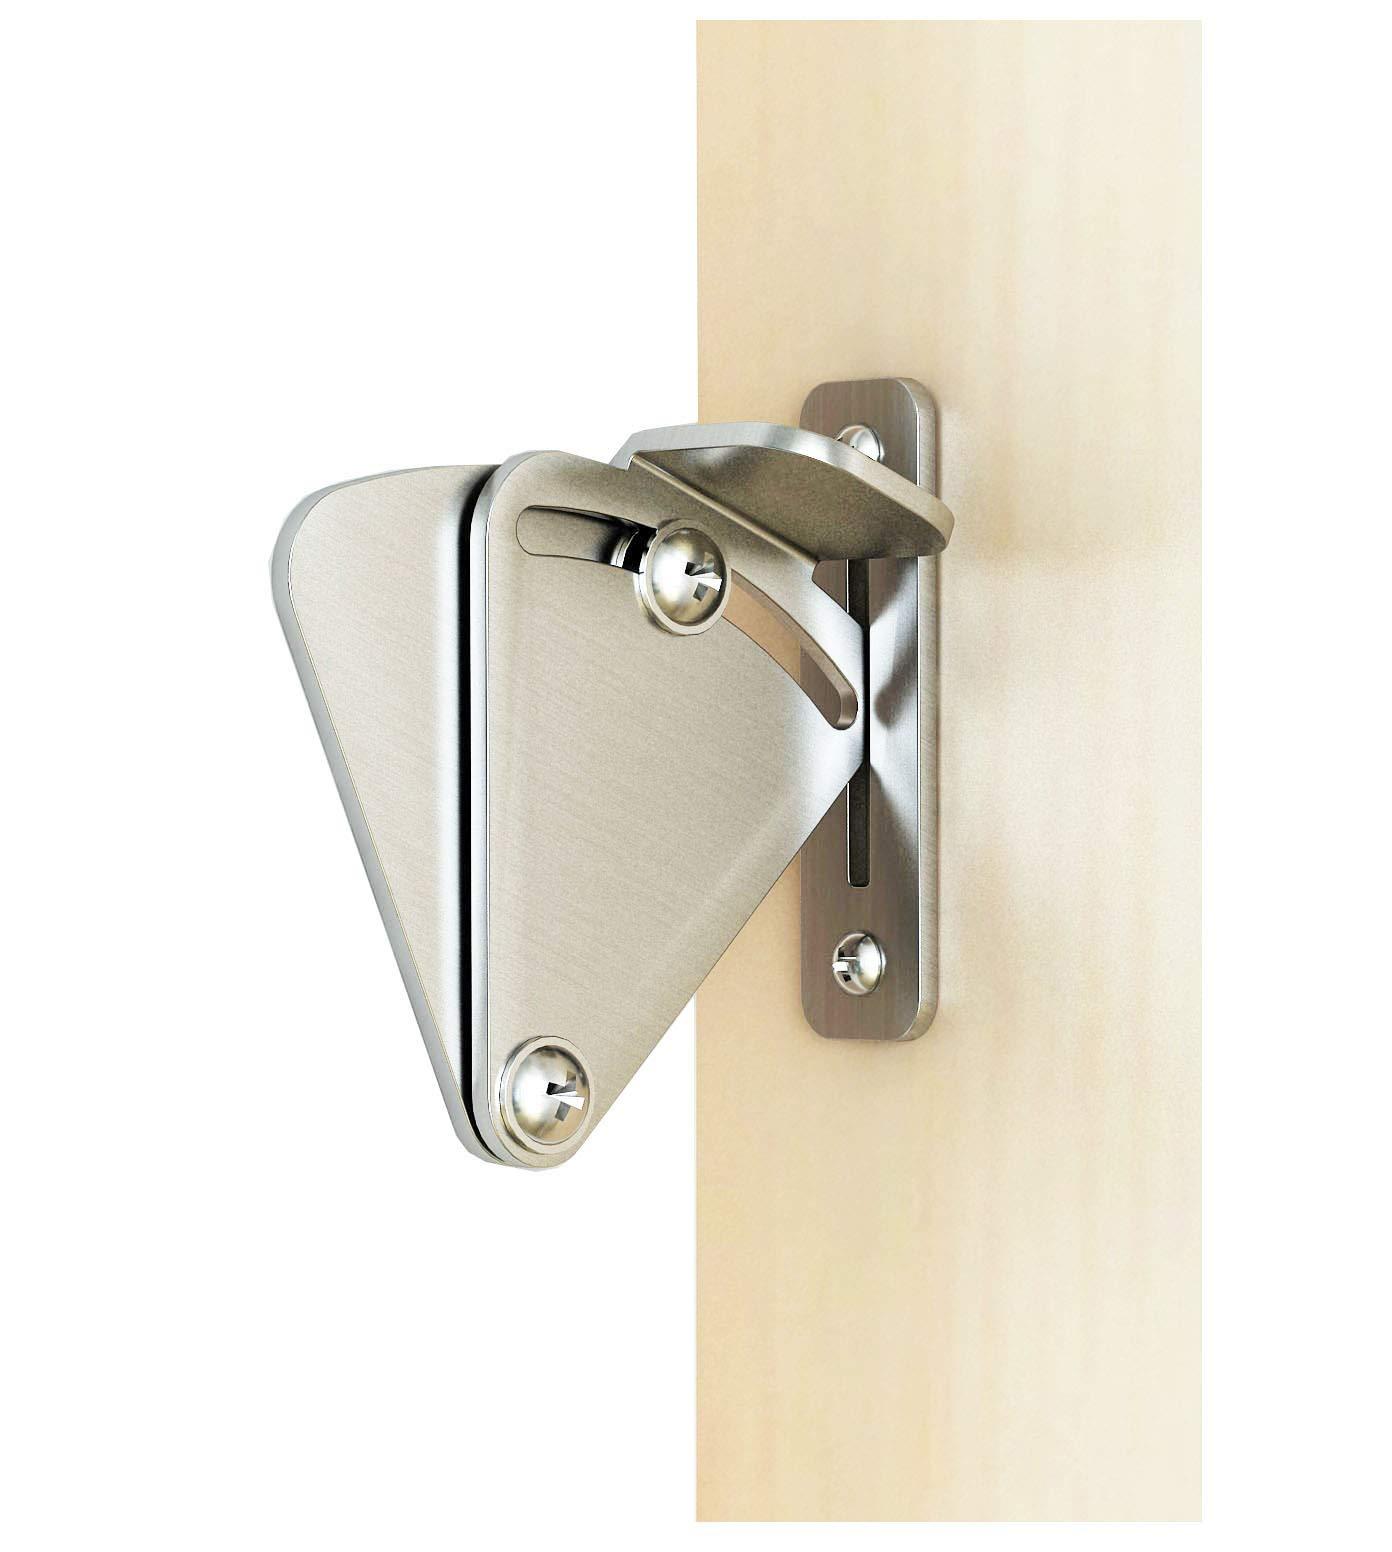 DIYHD Stainless Steel Lock for Sliding barn Door Wood Door Latch (Medium)